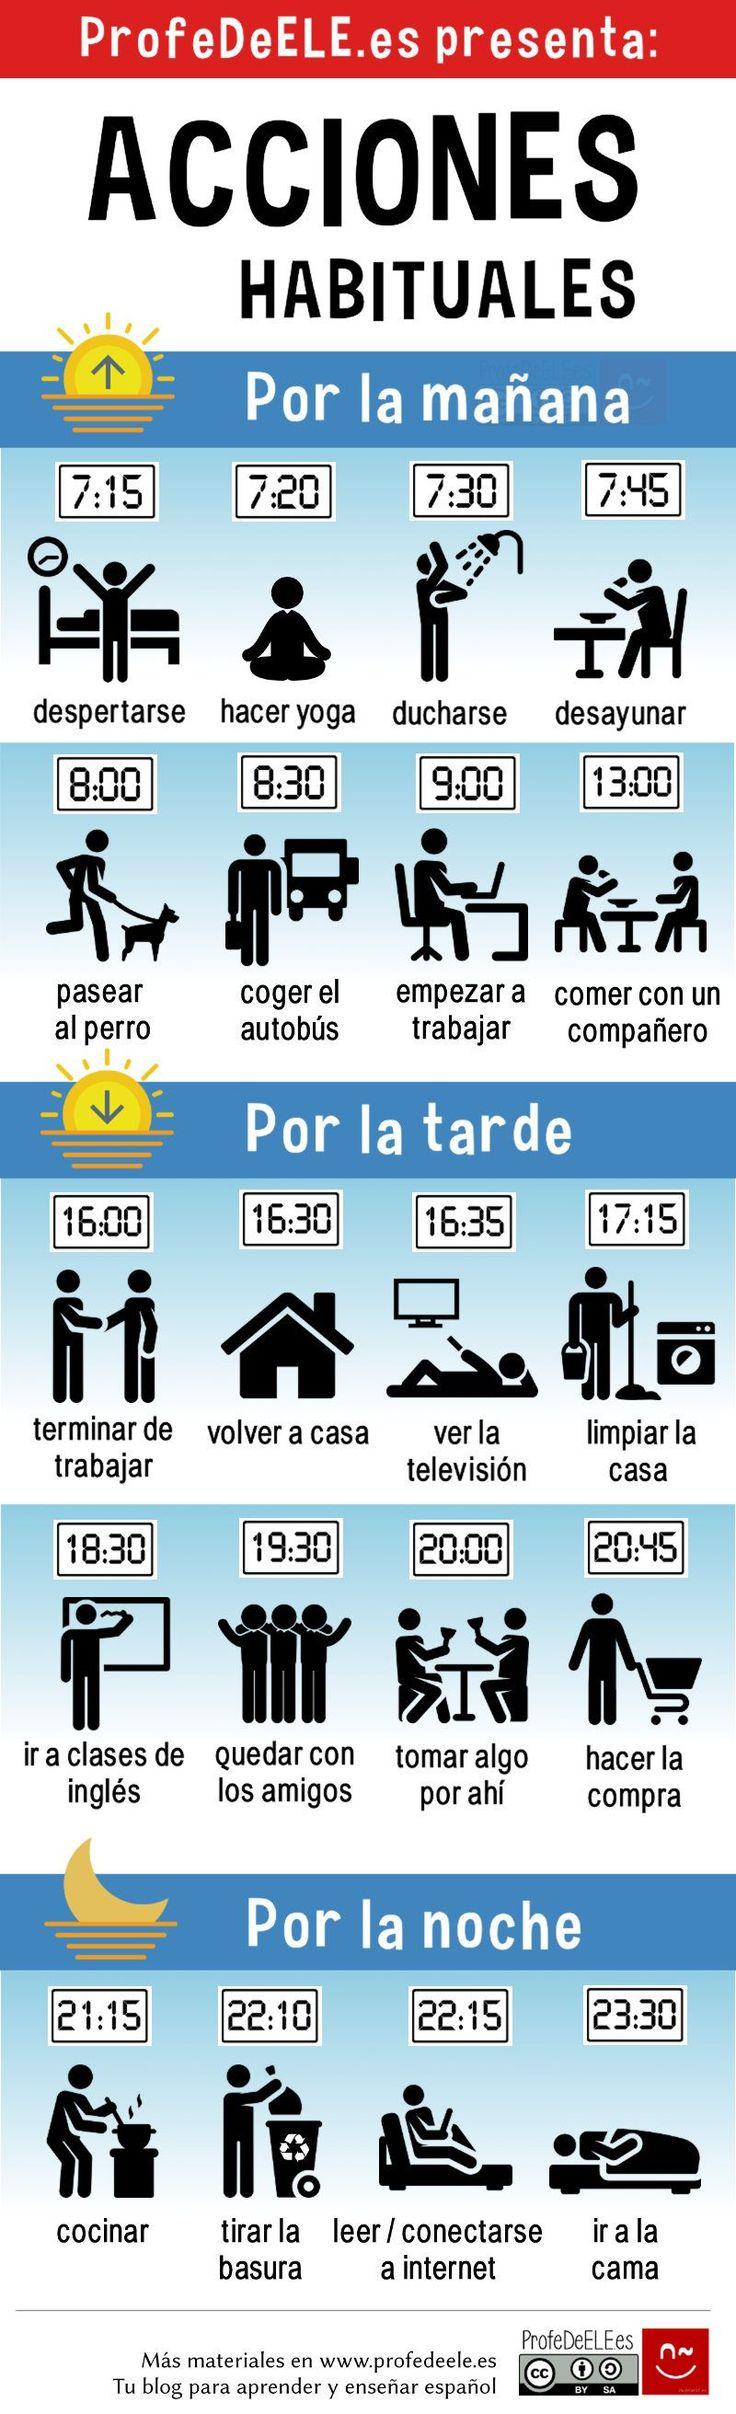 Acciones habituales - Infografía                                                                                                                                                                                 More